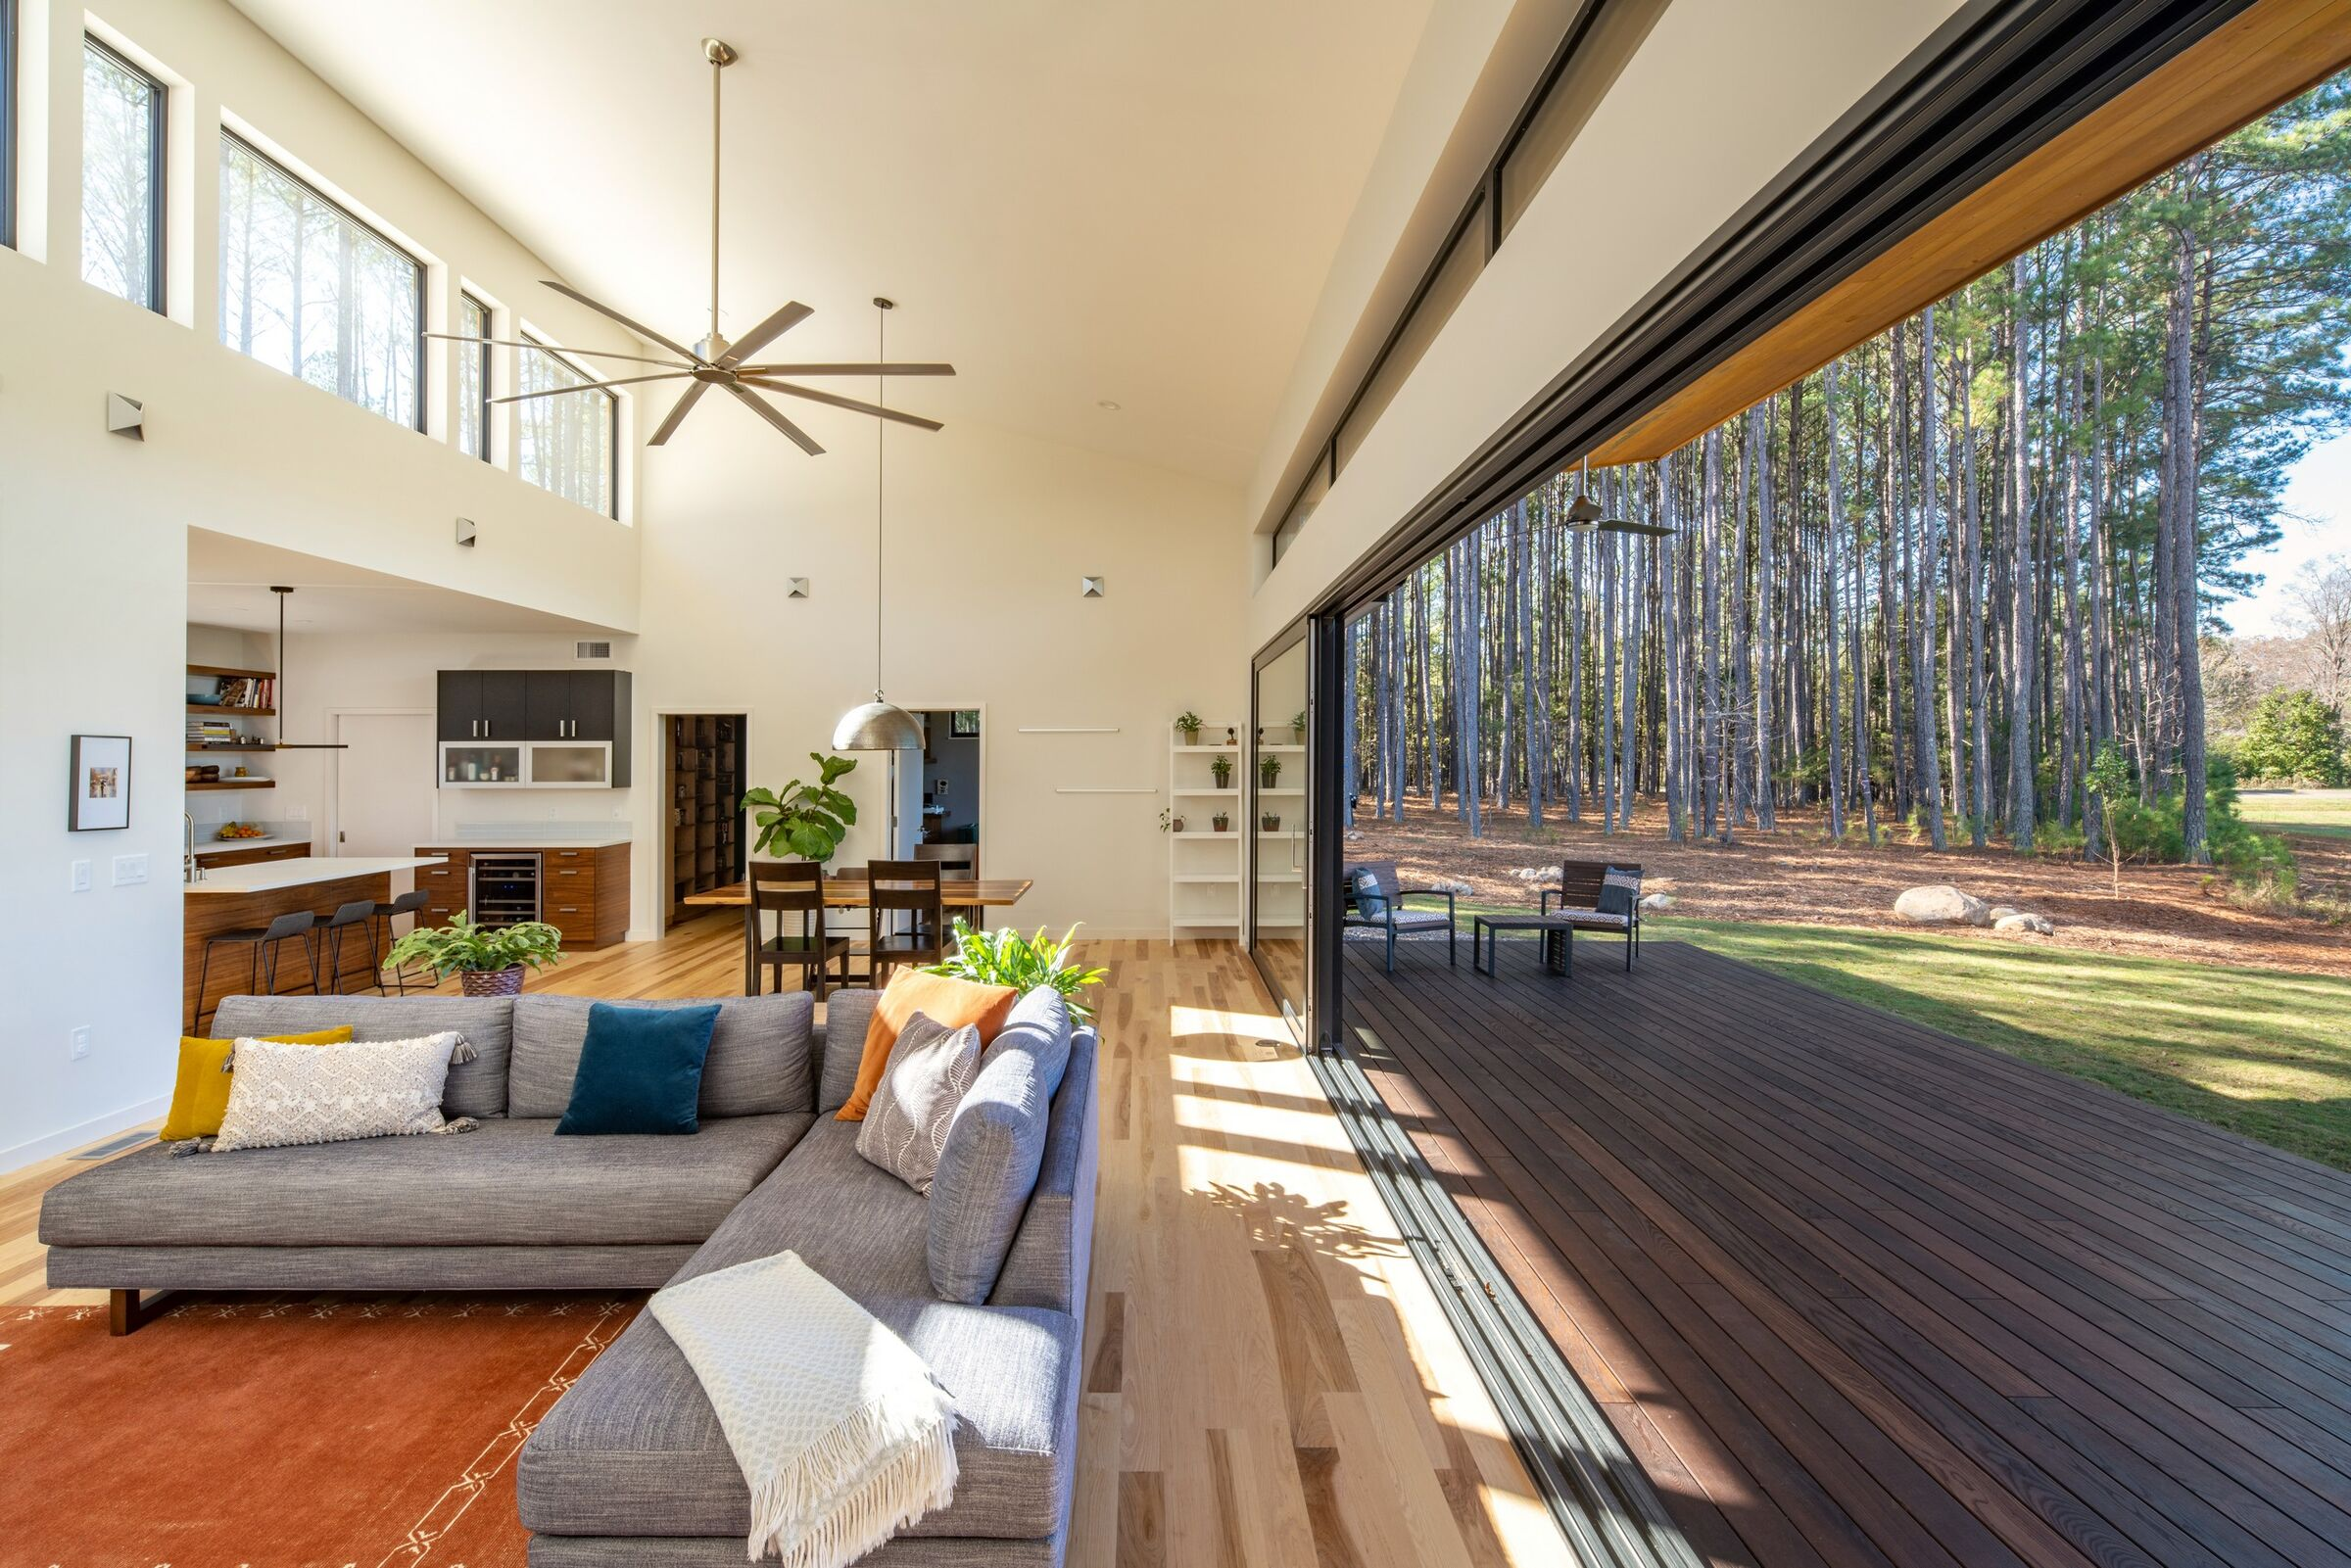 casa arquitetura sustentabilidade sustentavel